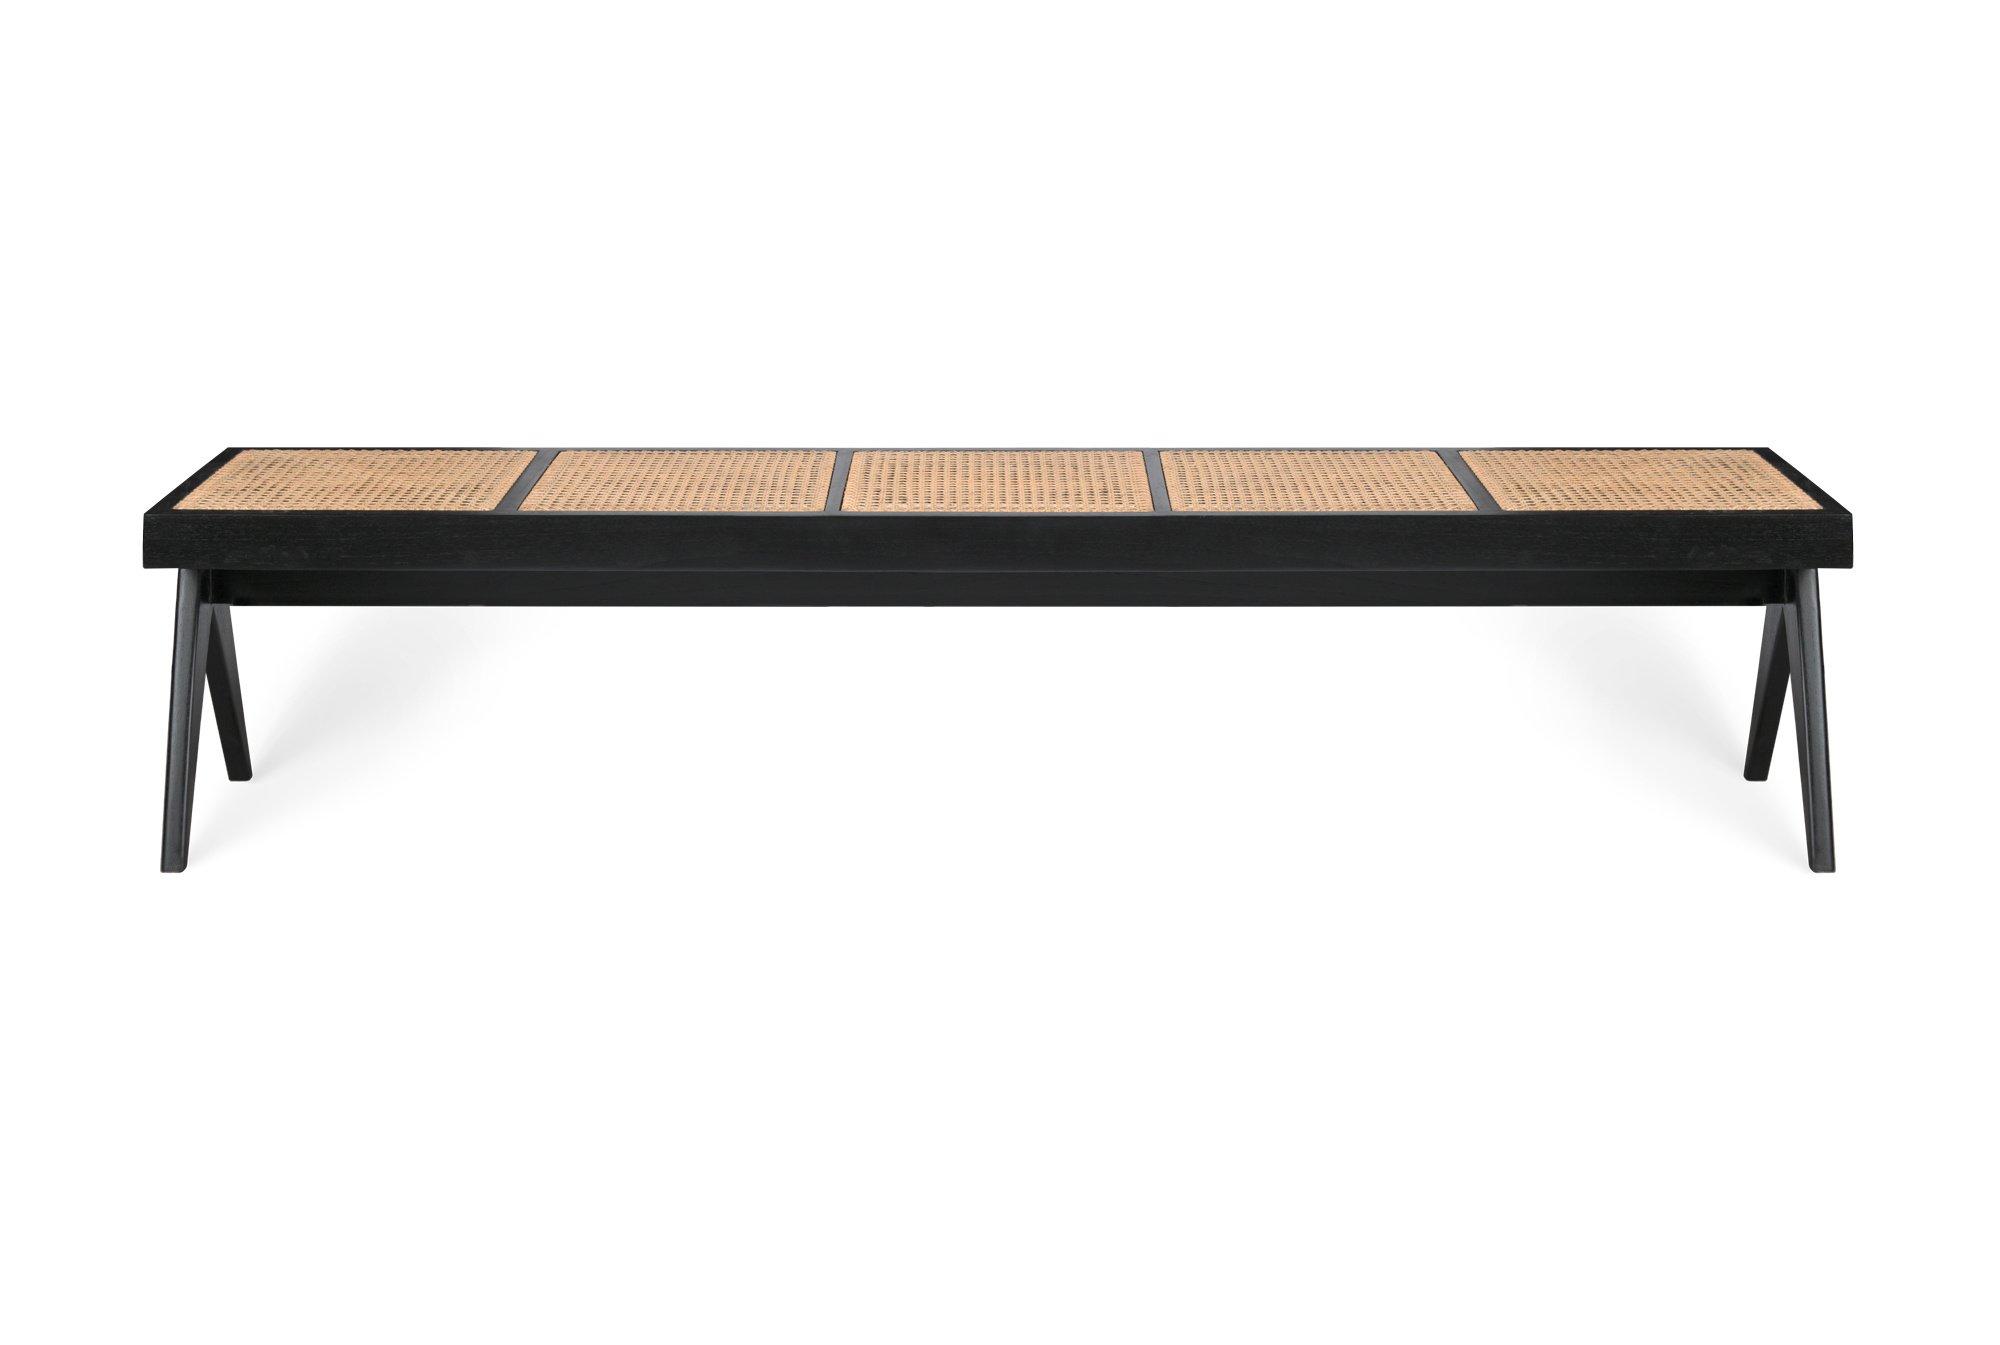 Bench / B.T.H. Flats 5 - Charcoal Black-2